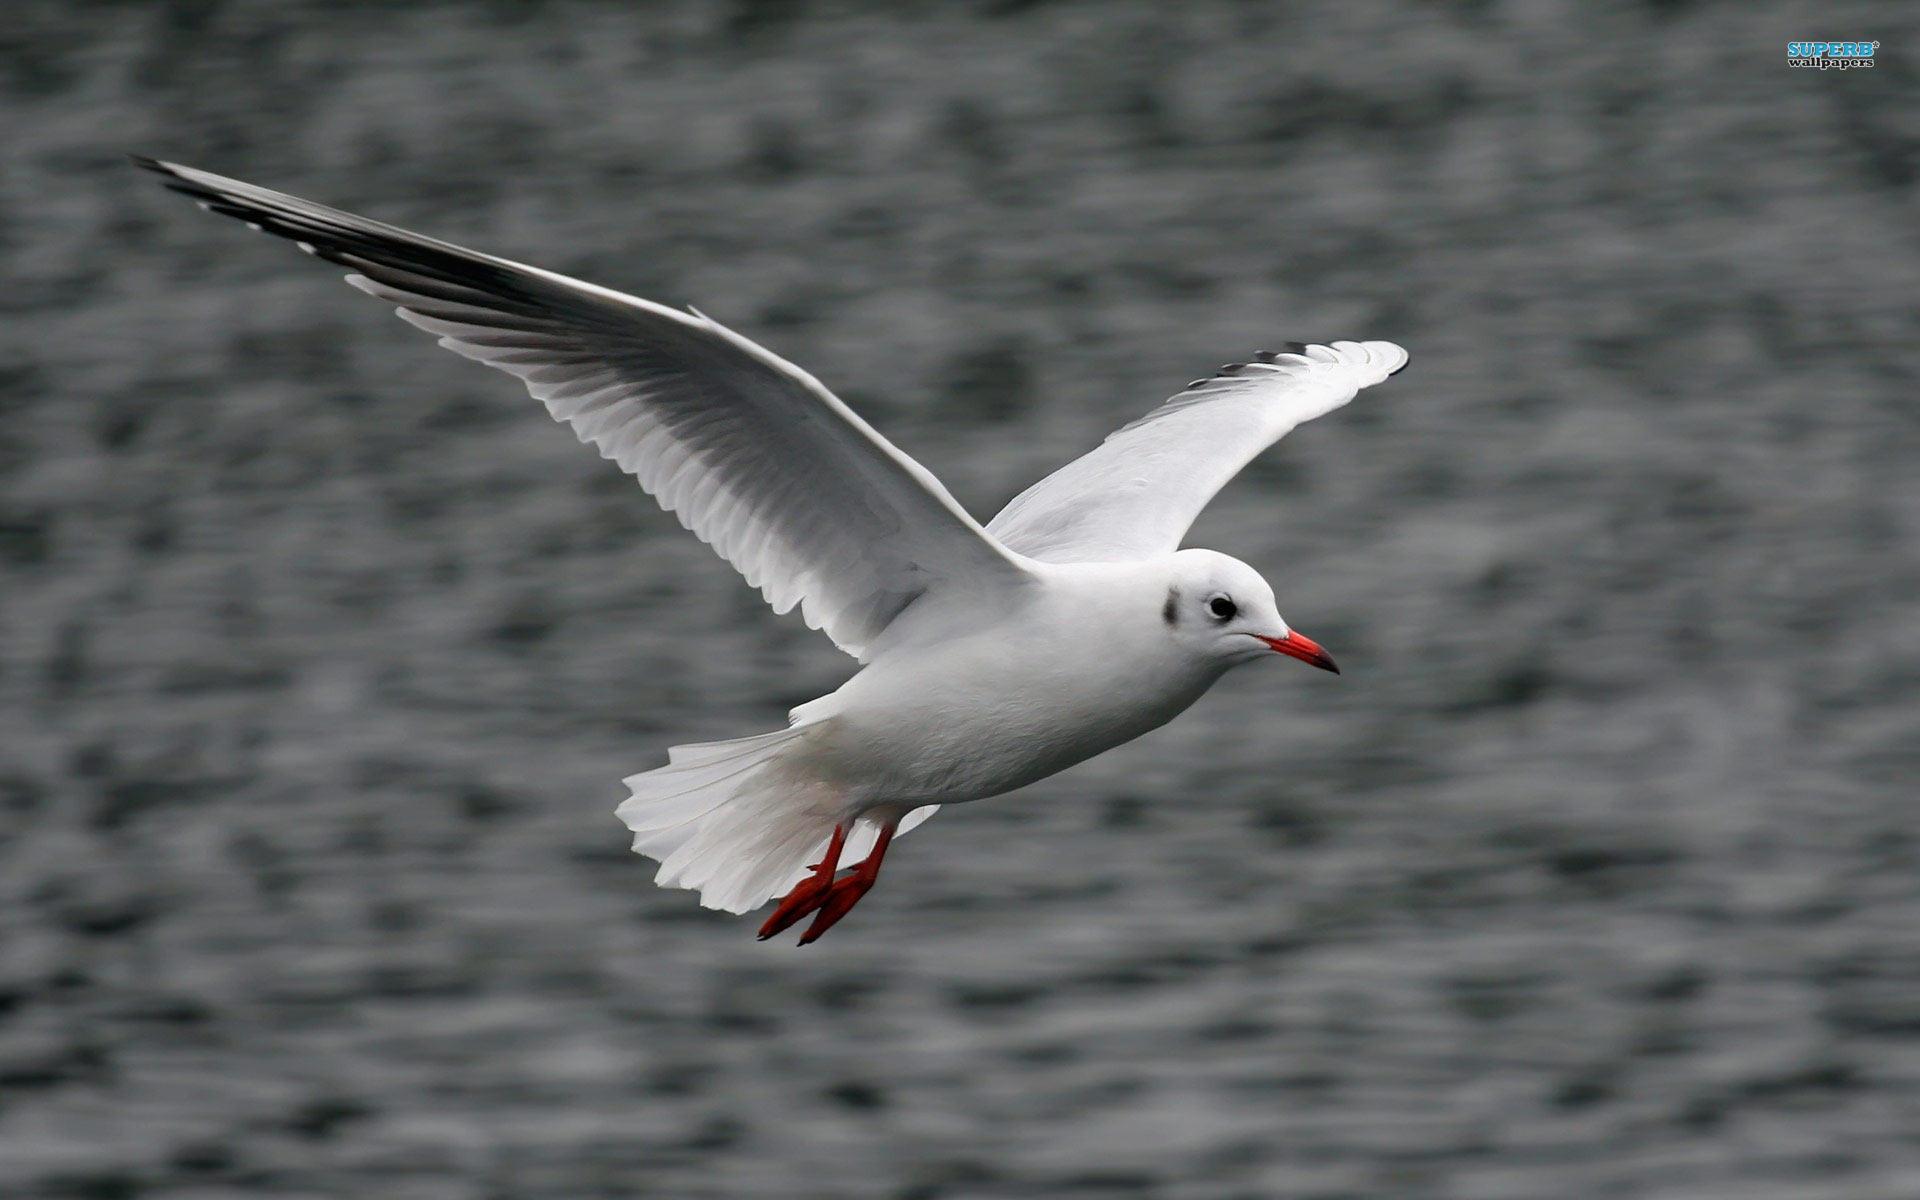 White Seagull Flying wallpaper 1920x1200 jpg